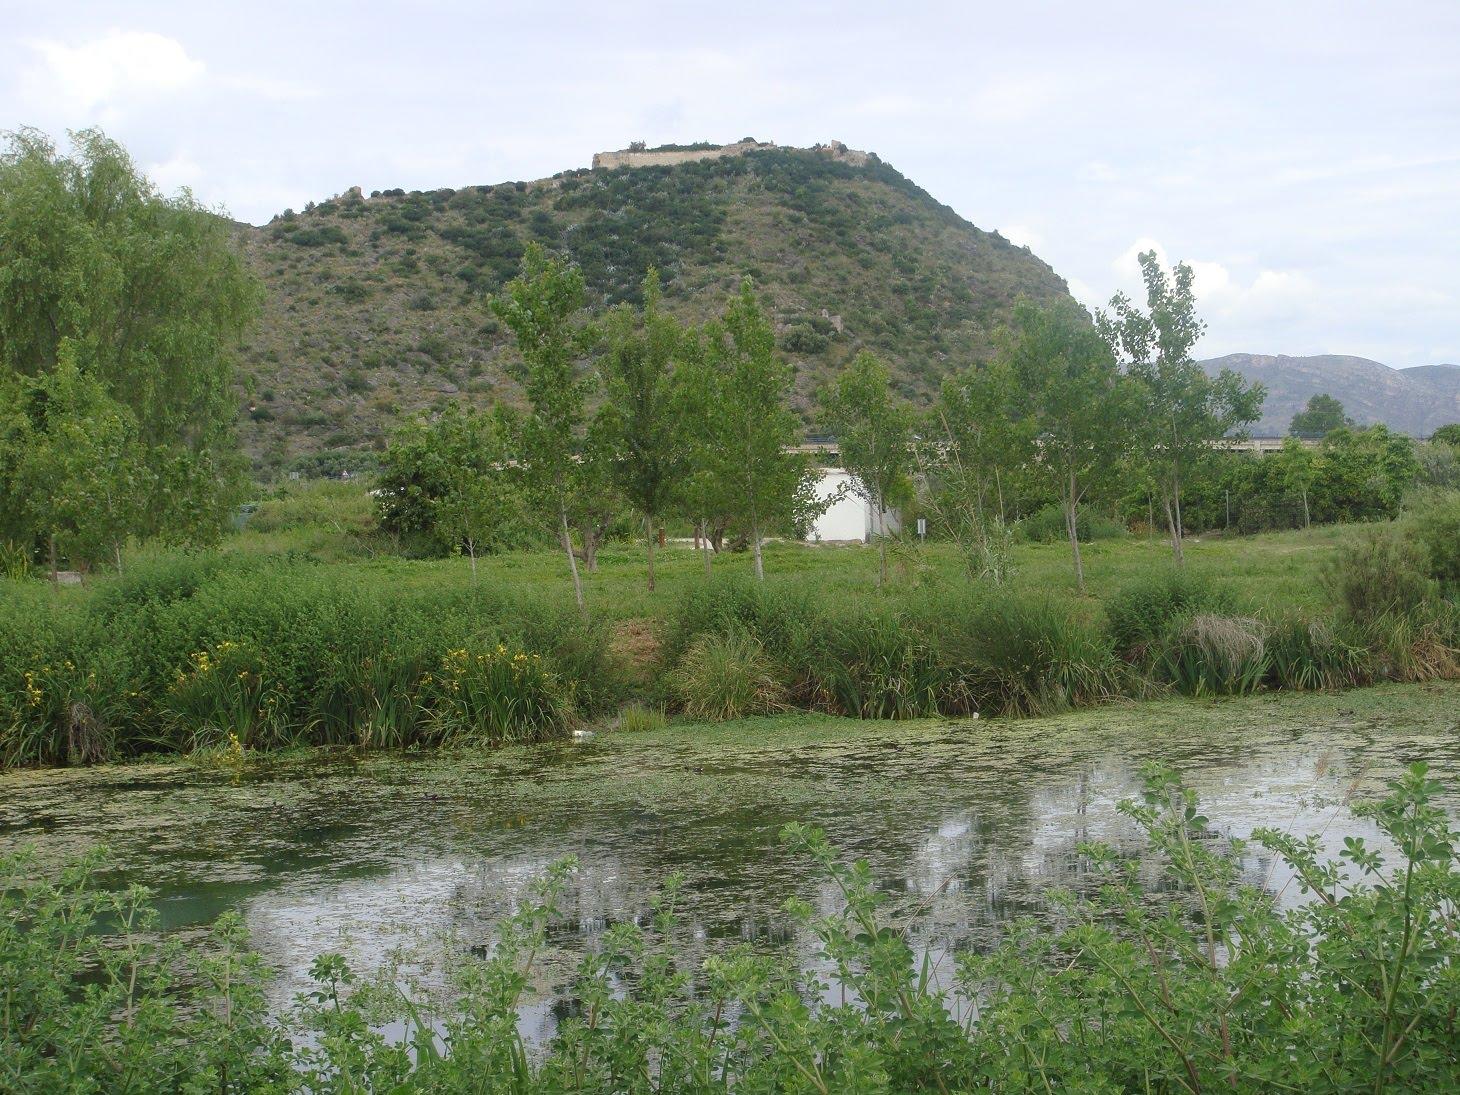 El castell de Bairén des de l'ullal de l'Estany, a prop de l'alqueria del Duc